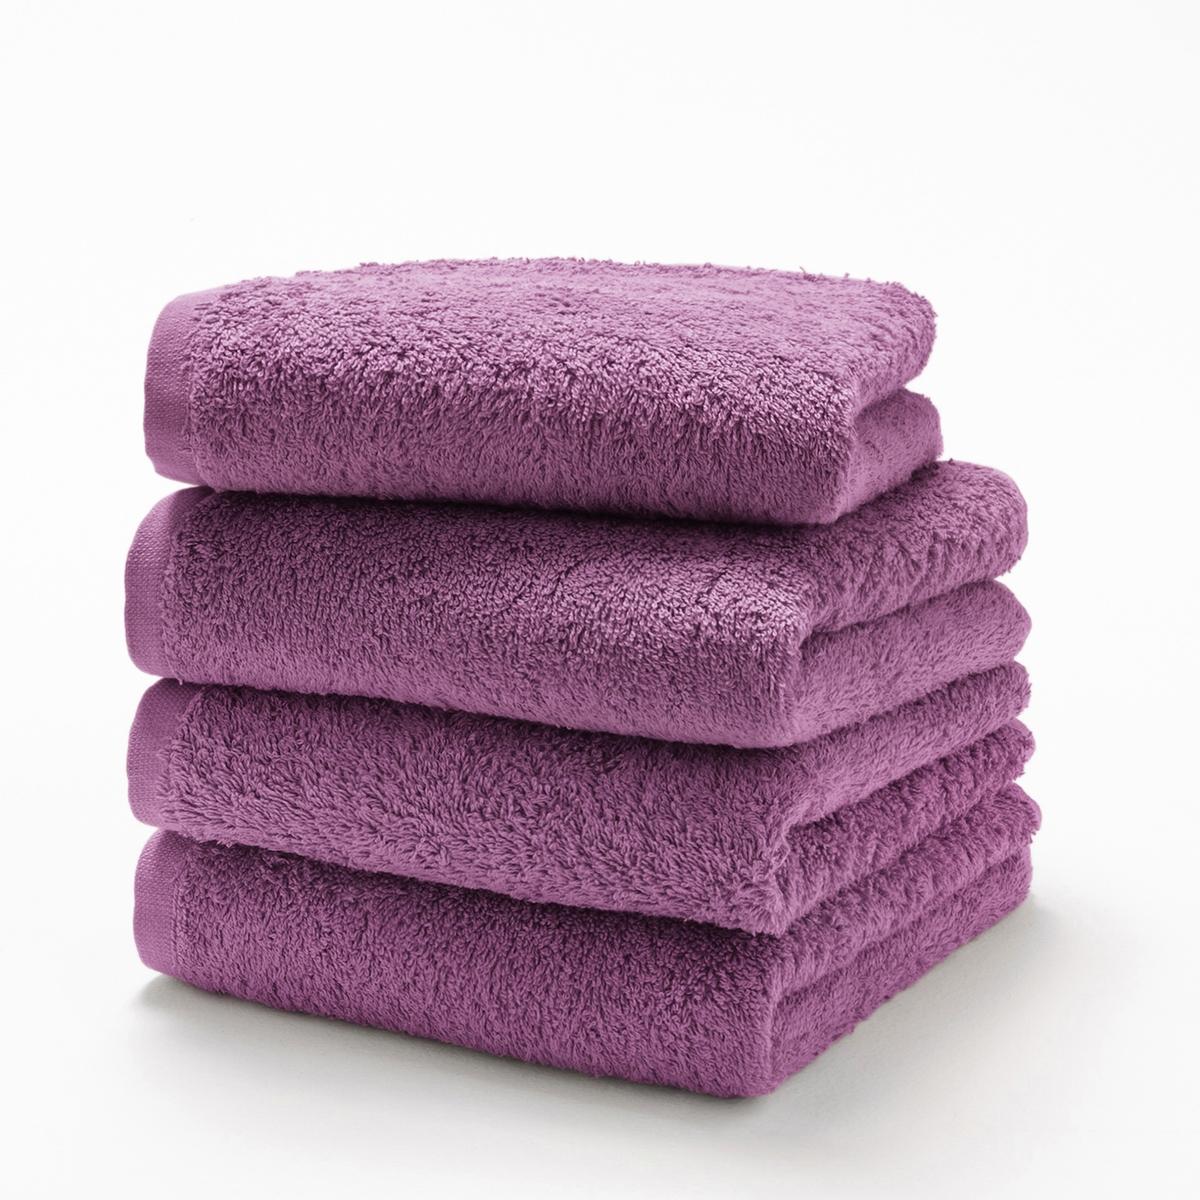 Комплект из 4 гостевых полотенец 500 г/м?Комплект из 4 гостевых полотенец из махровой ткани, 100% хлопок (500 г/м?), невероятно нежной, мягкой и отлично впитывающей влагу.Полотенца разных цветов для ванной... Характеристики 4 однотонных гостевых полотенец :- Махровая ткань, 100% хлопок (500 г/м?).- Отделка краев диагонали.- Машинная стирка при 60 °С.- Машинная сушка.- Замечательная износоустойчивость, сохраняет мягкость и яркость окраски после многочисленных стирок.- Размеры полотенца : 40 x 40 см.- В комплекте 4 полотенца. Знак Oeko-Tex® гарантирует, что товары протестированы и сертифицированы, не содержат вредных веществ, которые могли бы нанести вред здоровью.<br><br>Цвет: белый,голубой бирюзовый,гренадин,зеленый  атолл,зеленый анис,красный карминный,пепельно-серый,светло-розовый,серо-бежевый,серо-синий,сине-зеленый,синий морской волны,смородиновый,темно-серый,фиолетовый,черный<br>Размер: 40 x 40  см.40 x 40  см